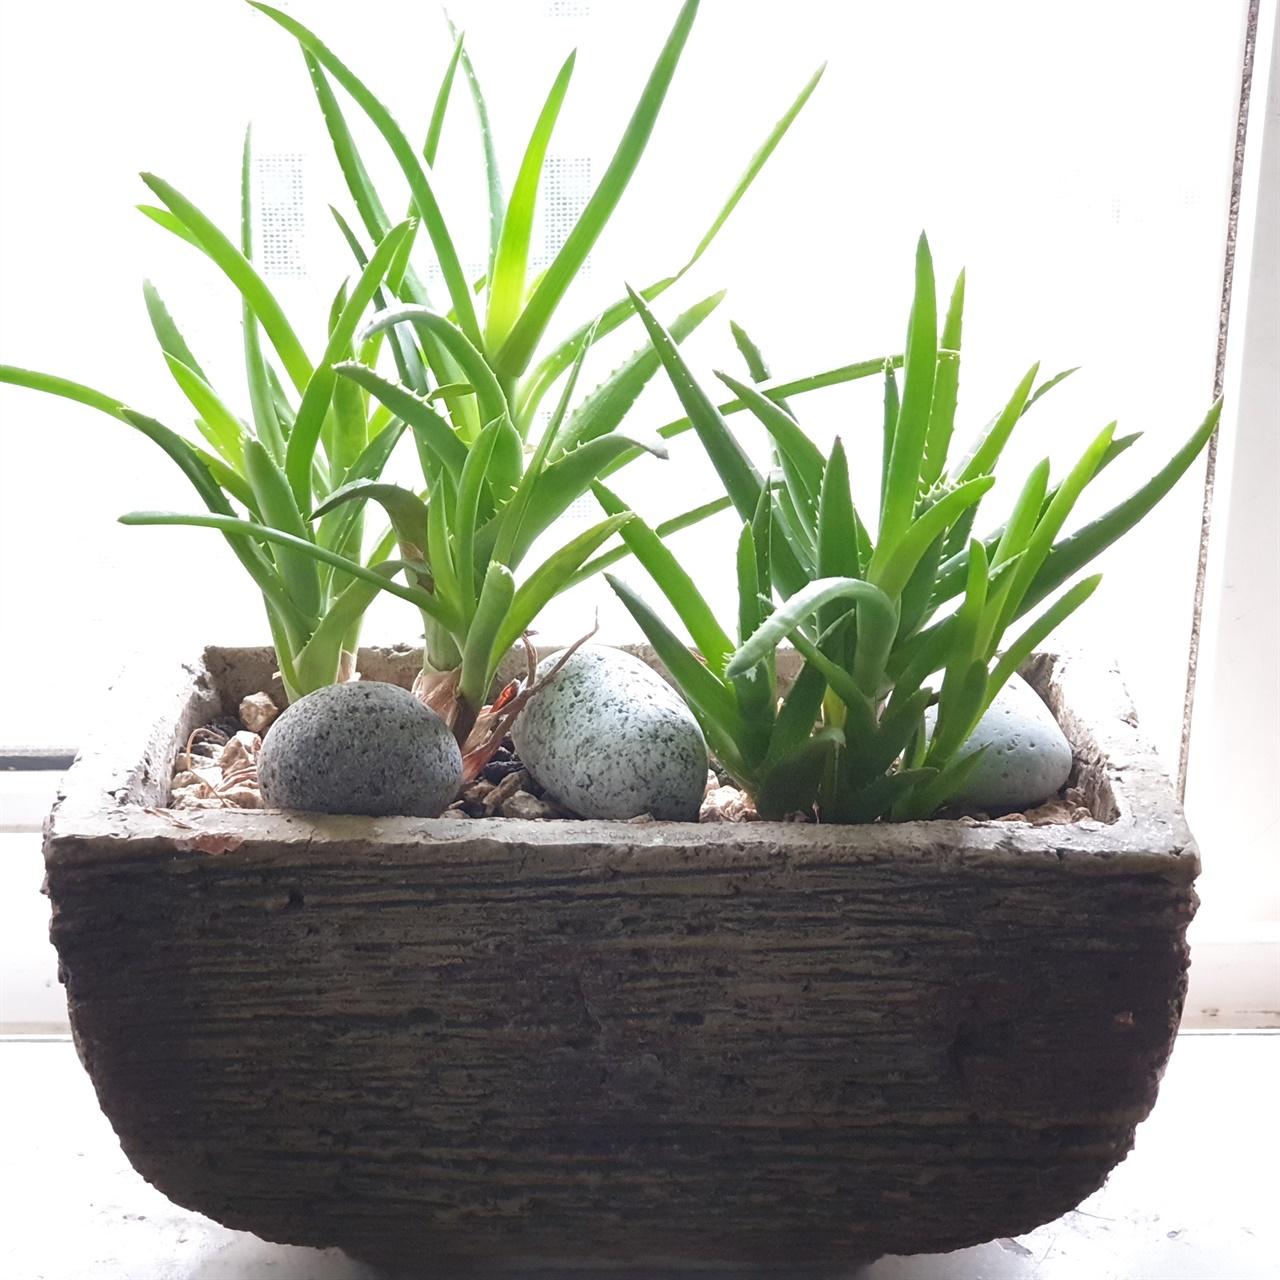 게발 선인장 꽃가게에서 만난 식물